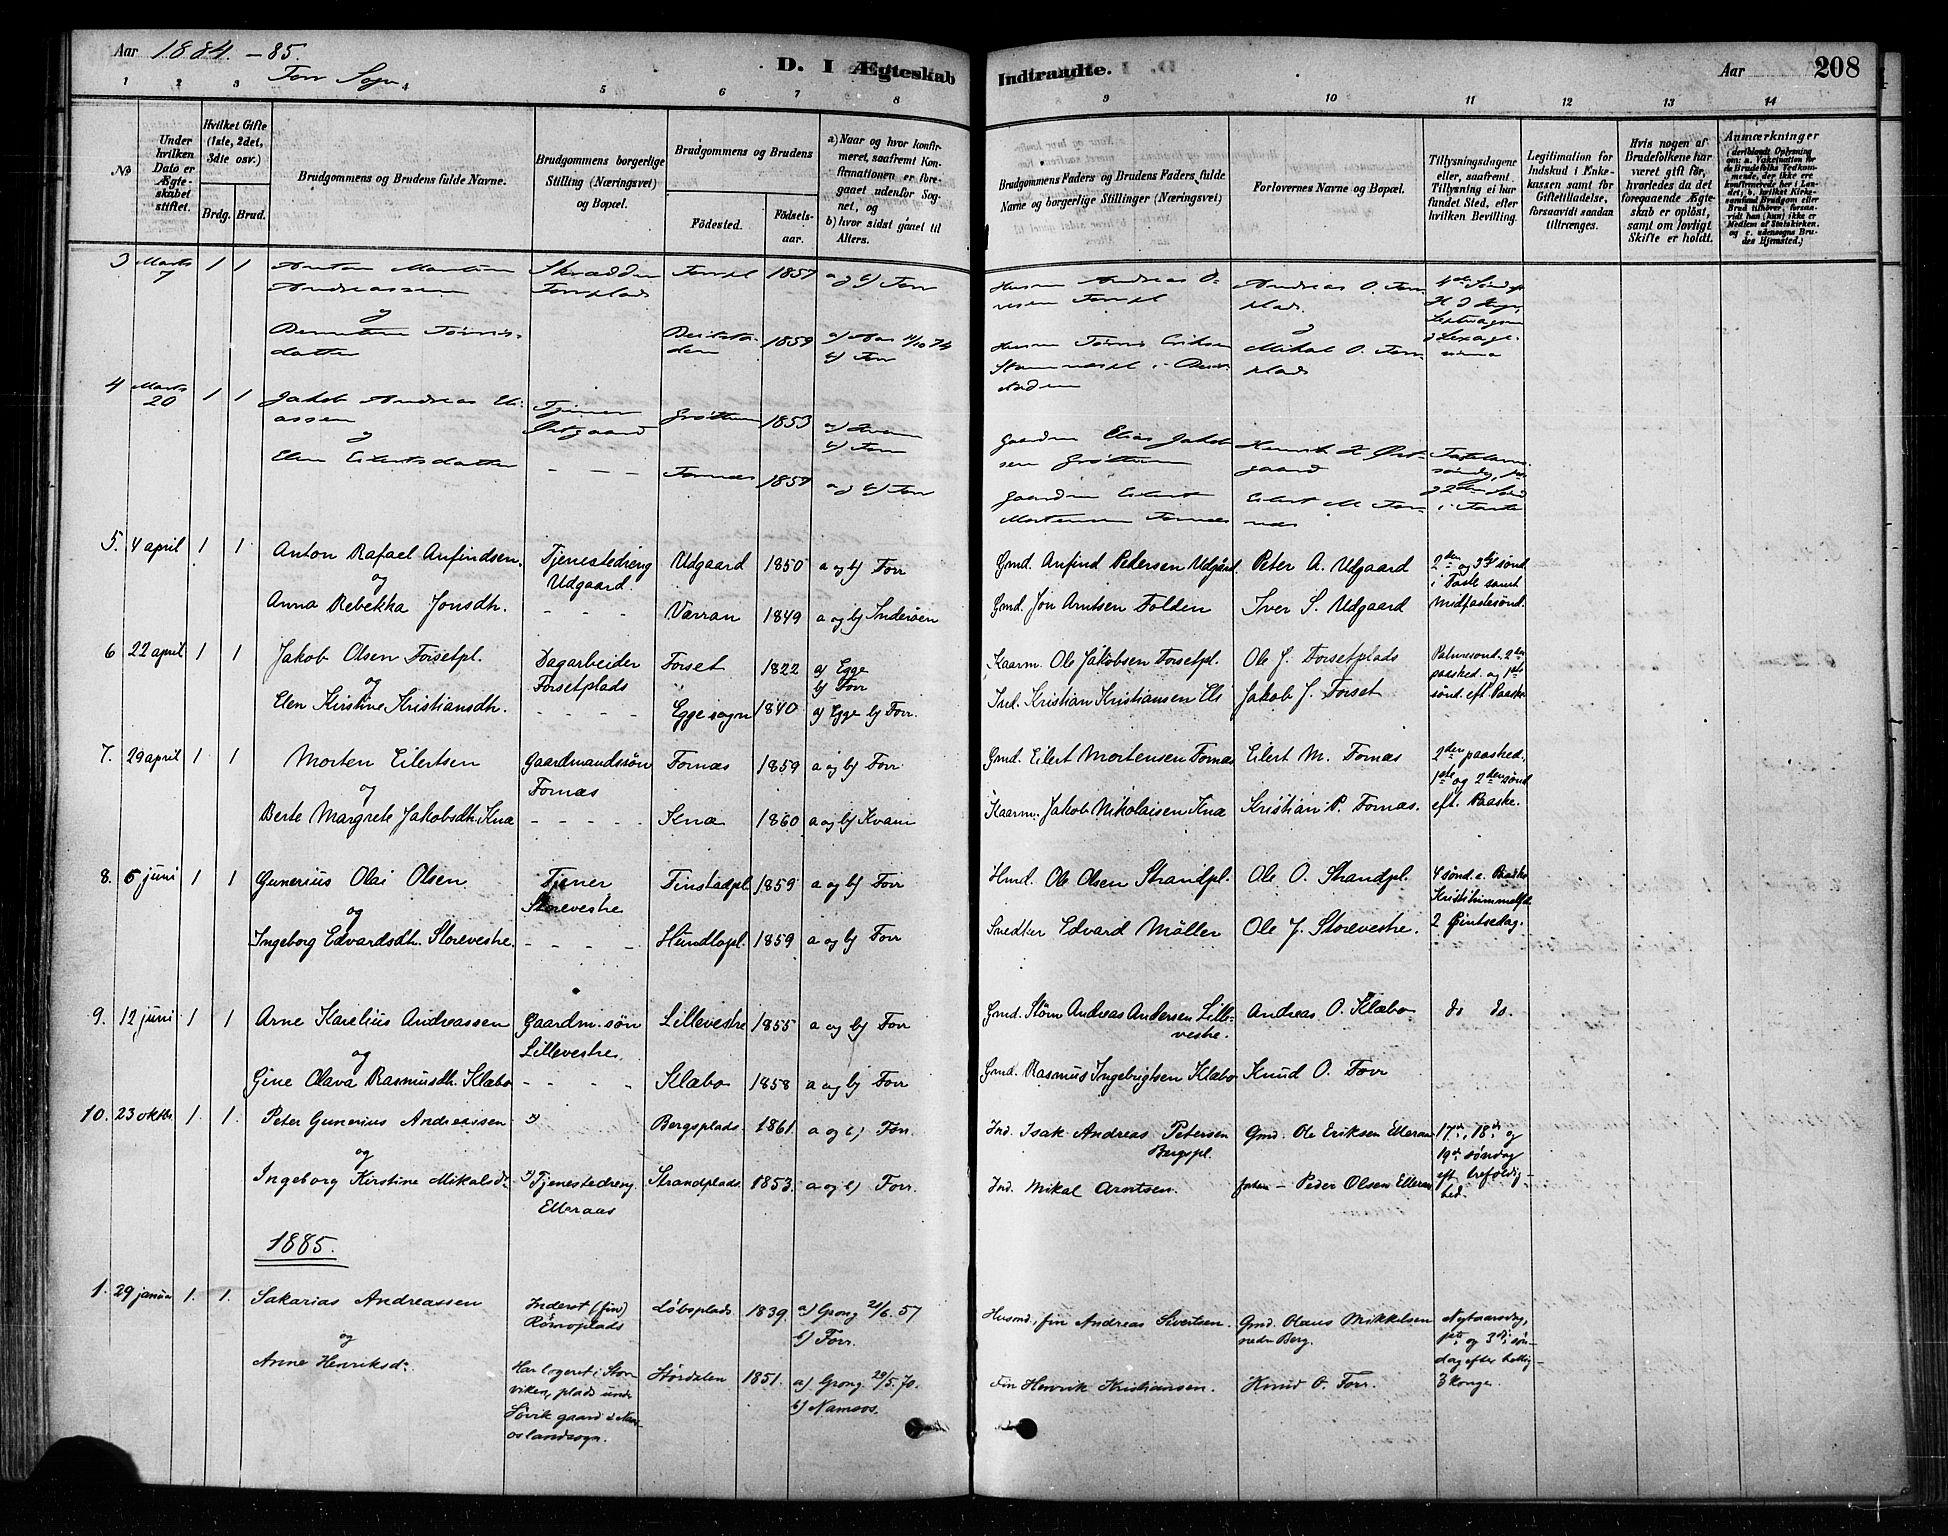 SAT, Ministerialprotokoller, klokkerbøker og fødselsregistre - Nord-Trøndelag, 746/L0448: Ministerialbok nr. 746A07 /1, 1878-1900, s. 208